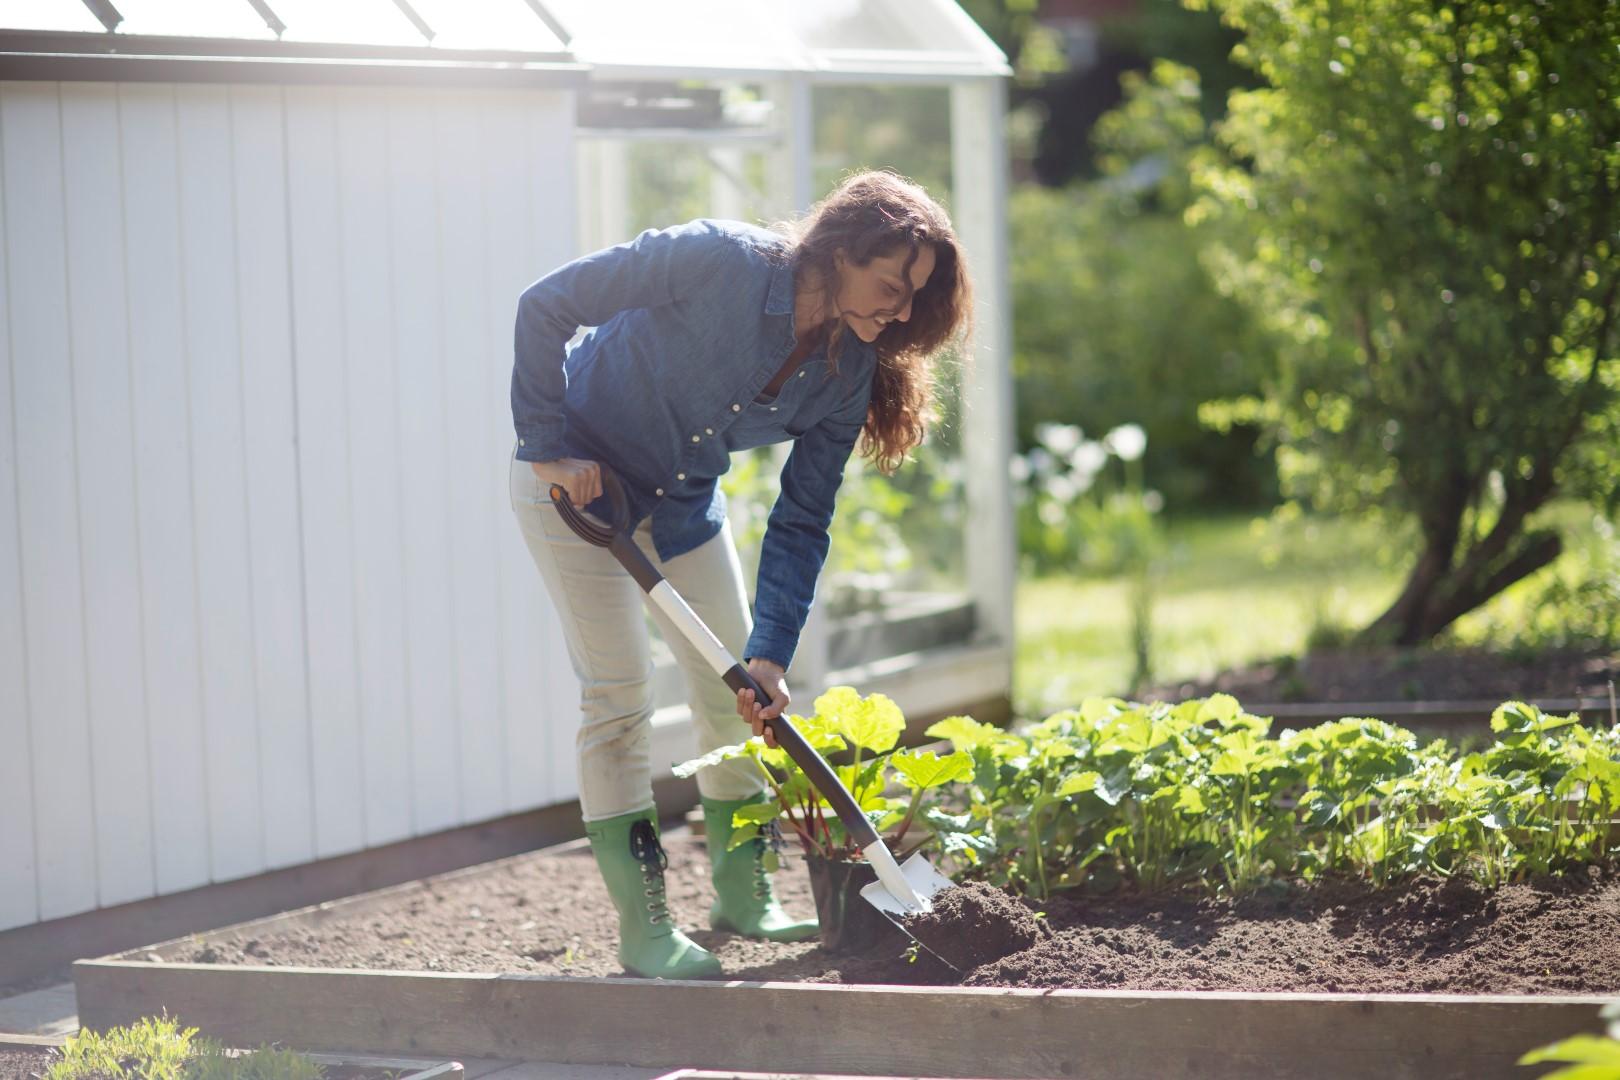 OLE TEADLIK! Õigete taimede koos kasvatamine tagab saagirikkuse